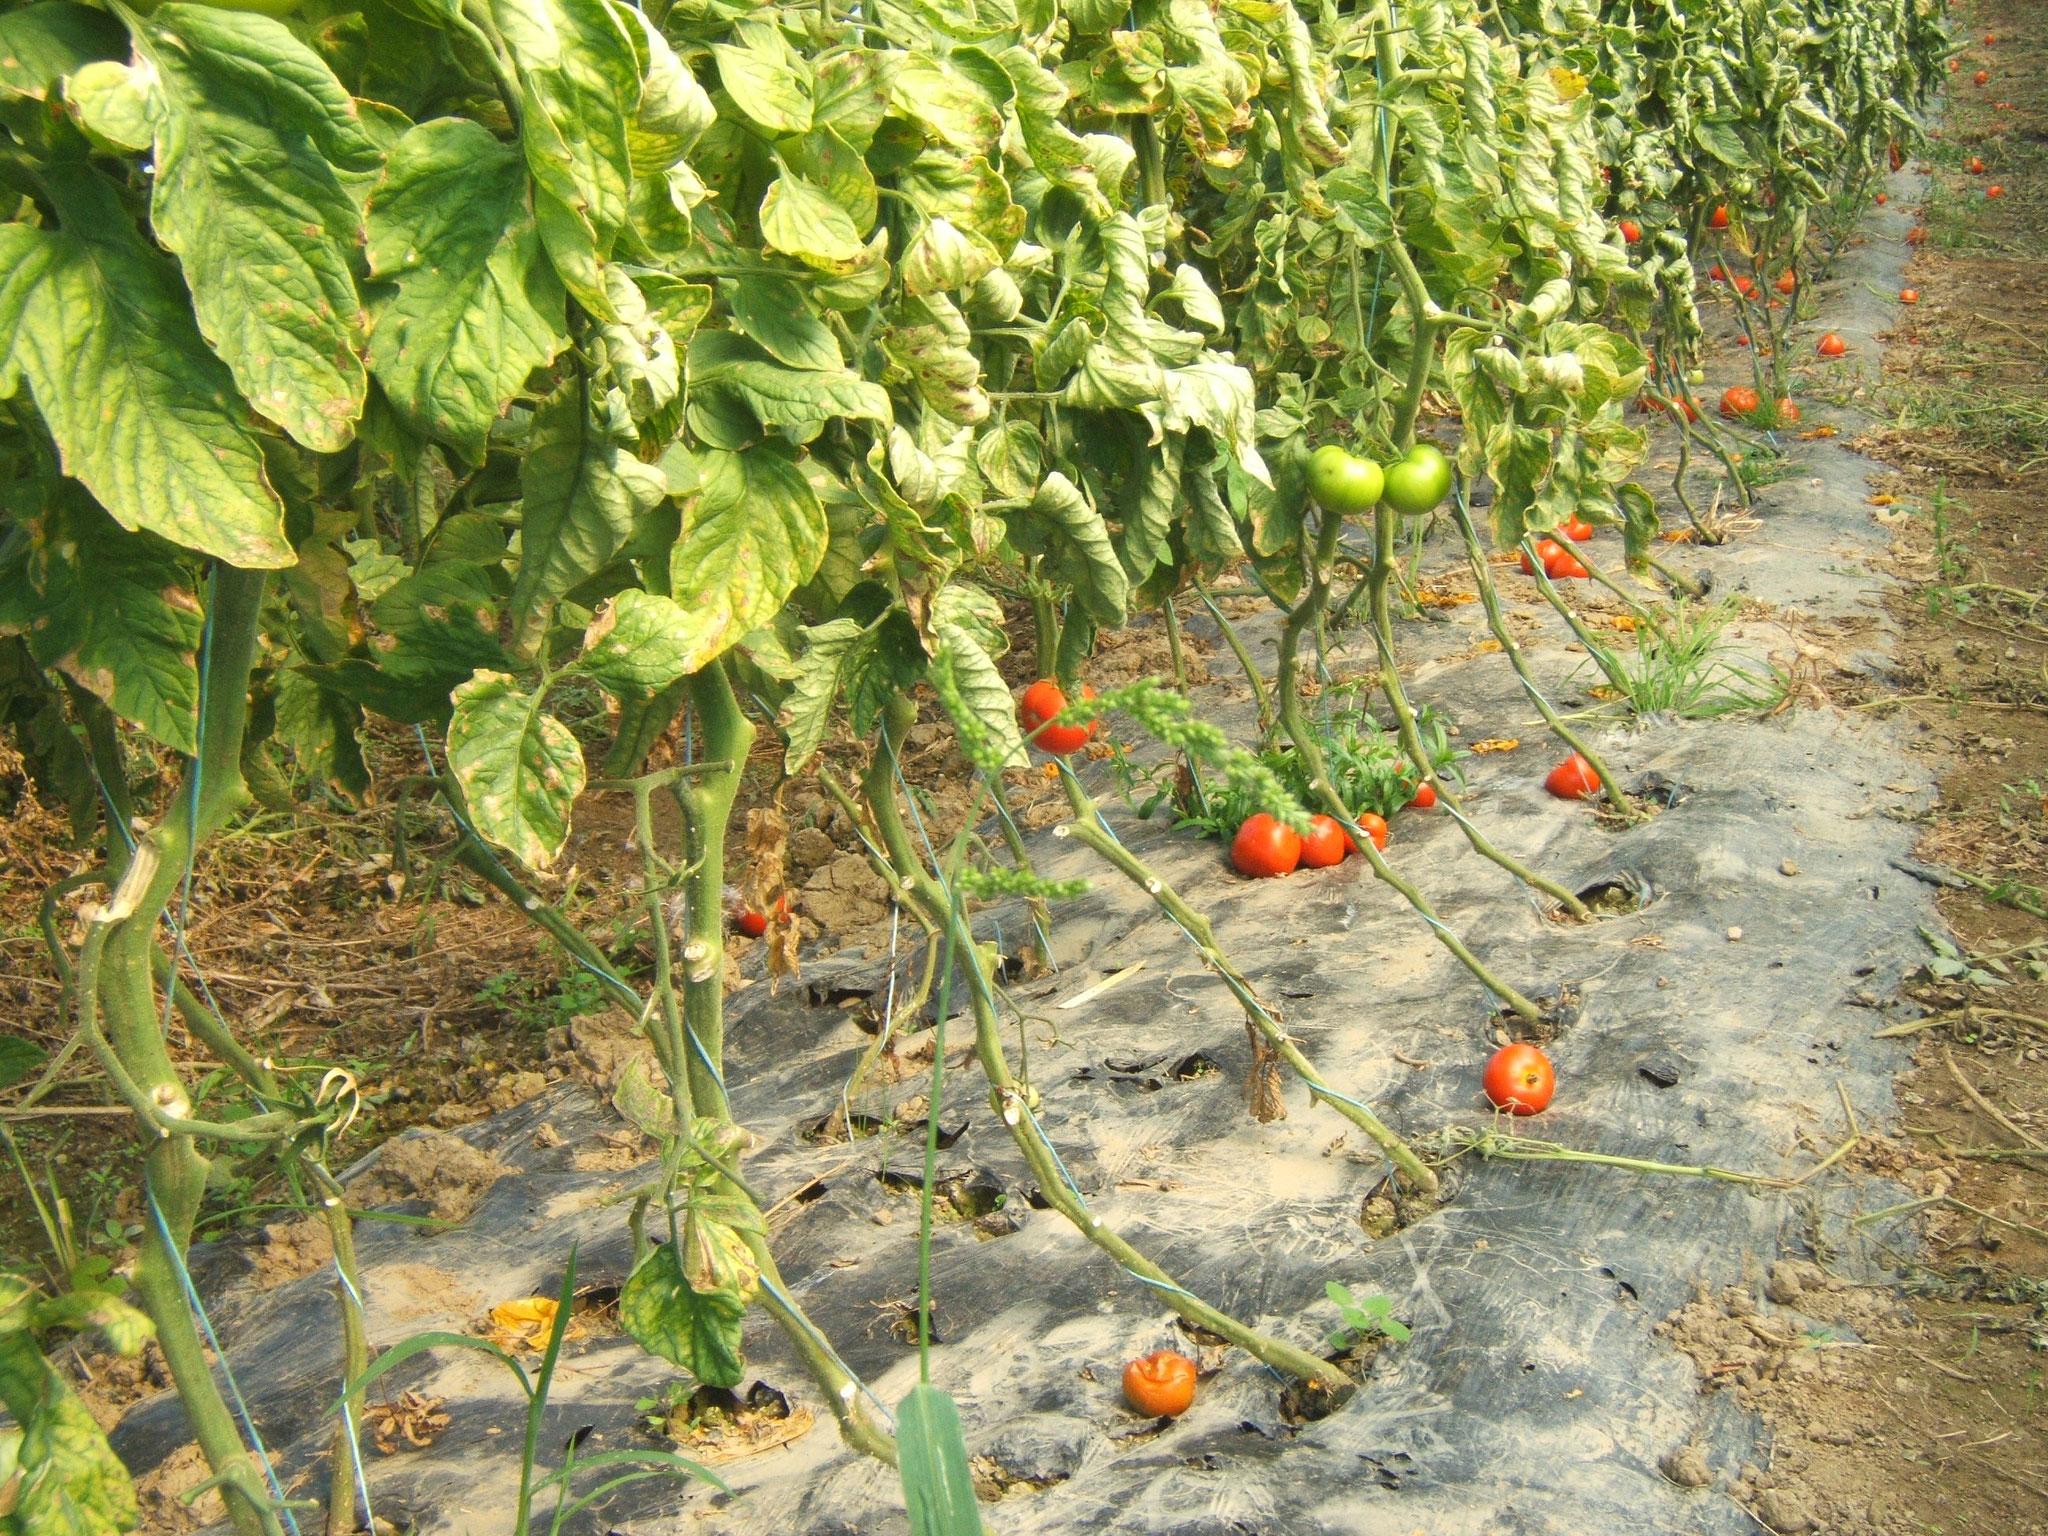 Paillage biodégradable sur tomates. Arrosages par goutte à goutte pour ne pas mouiller le feuillage pour éviter le développement des maladies.